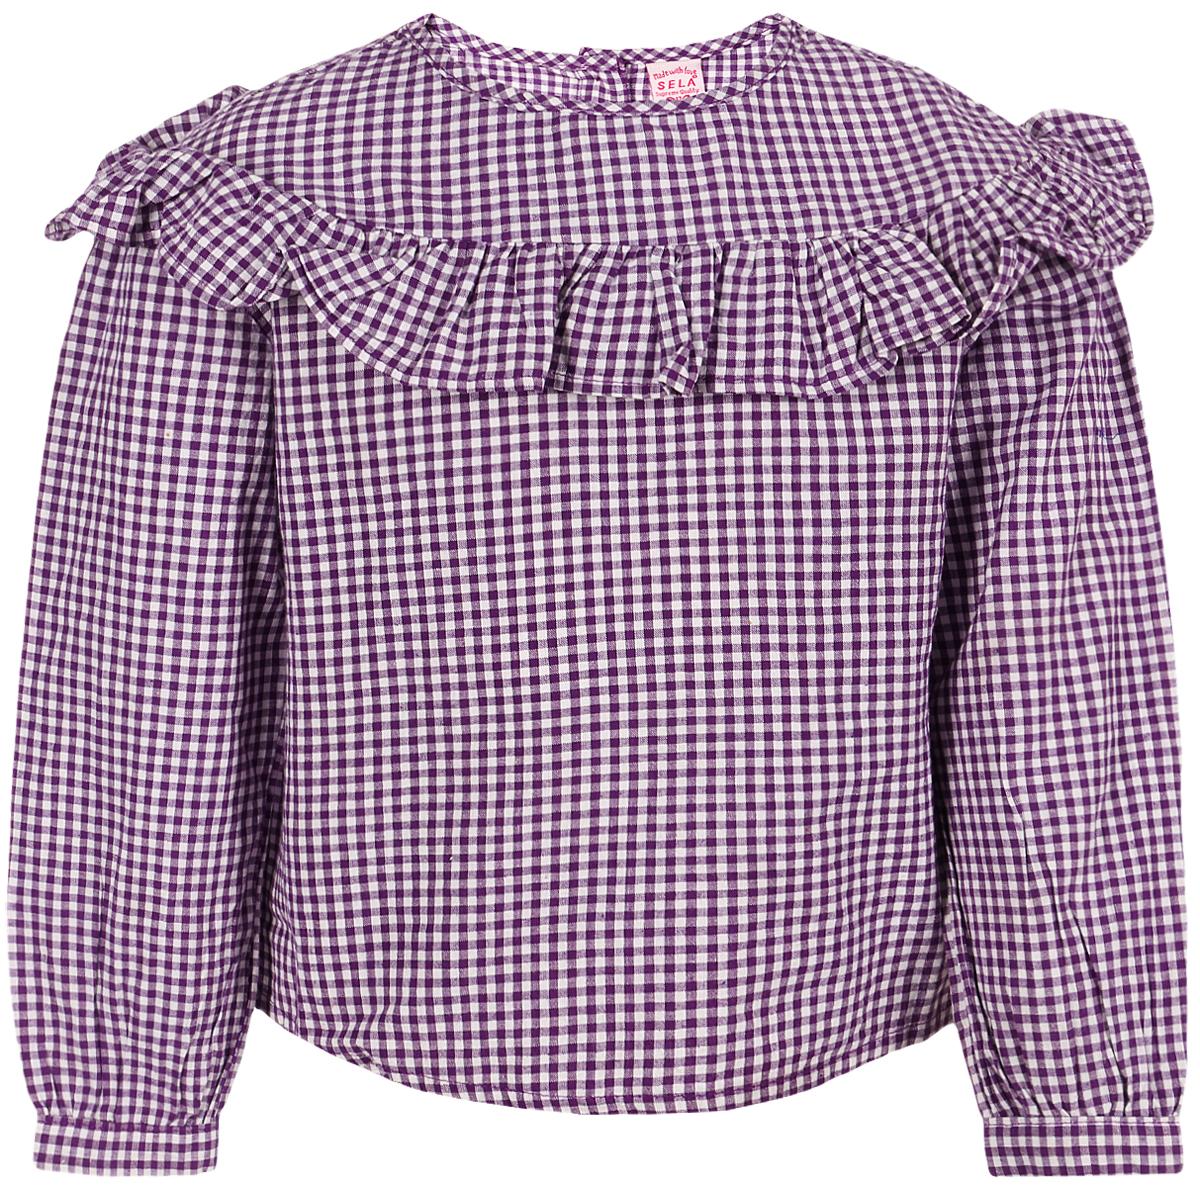 Блузка для девочки Sela, цвет: фиолетовый. Tw-512/278-8112. Размер 116 юбка для девочки sela цвет ярко фиолетовый skk 518 312 8112 размер 104 4 5 лет